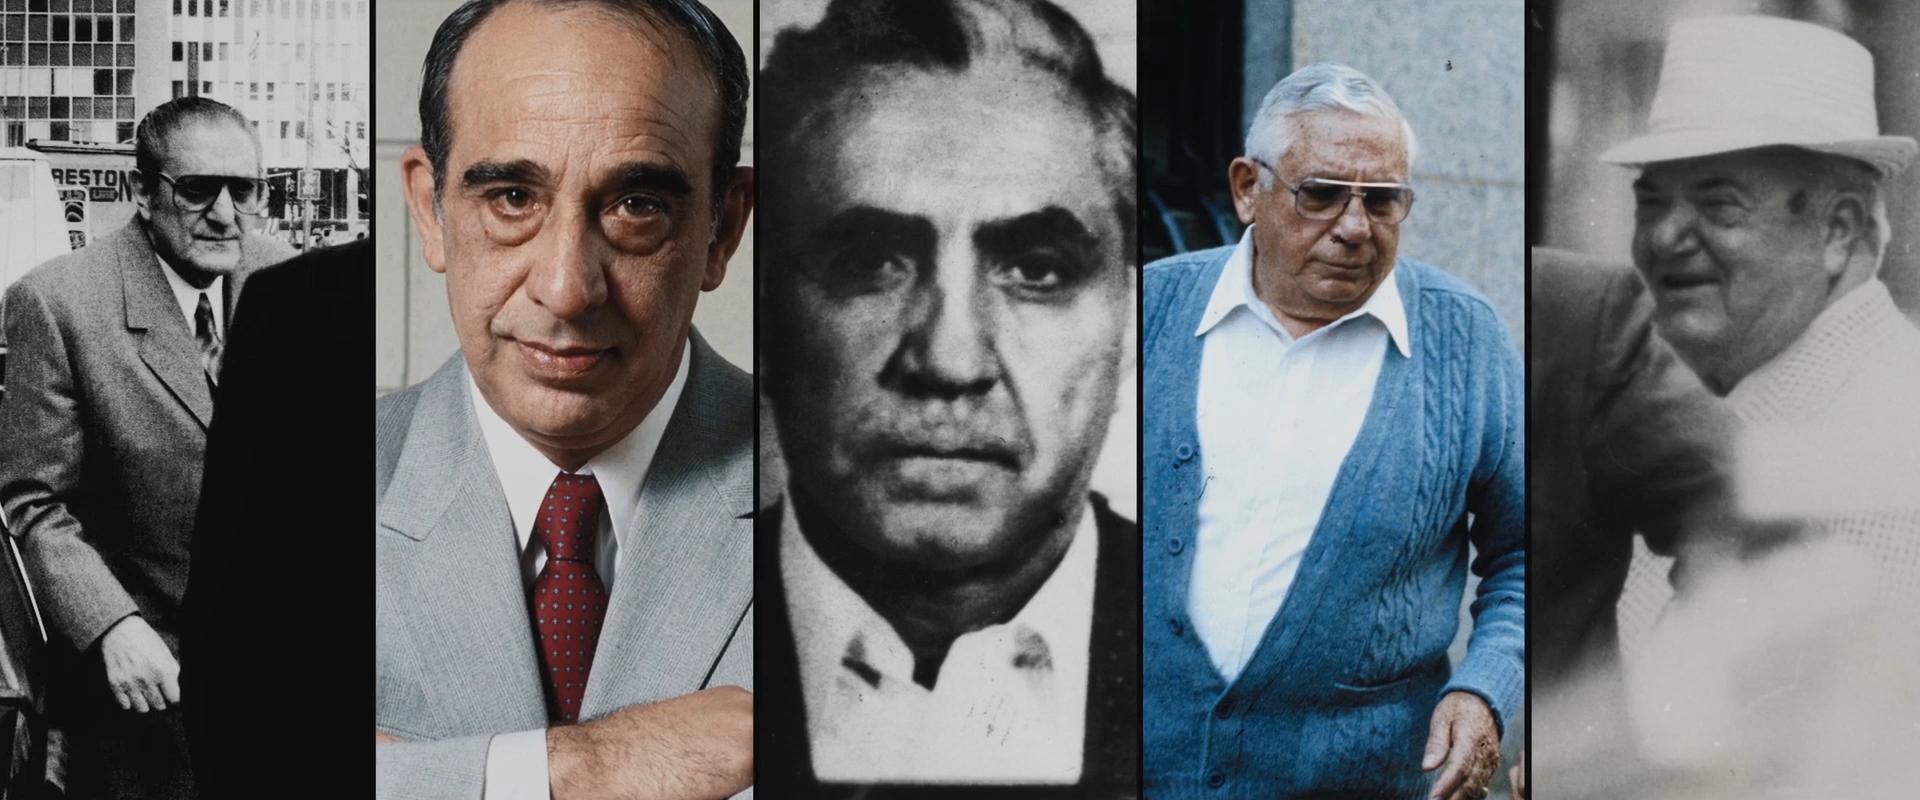 Изображение для Город страха: Нью-Йорк против мафии / Fear City: New York vs the Mafia, Сезон 1, Серии 1-3 из 3 (2020) WEB-DLRip 1080p (кликните для просмотра полного изображения)